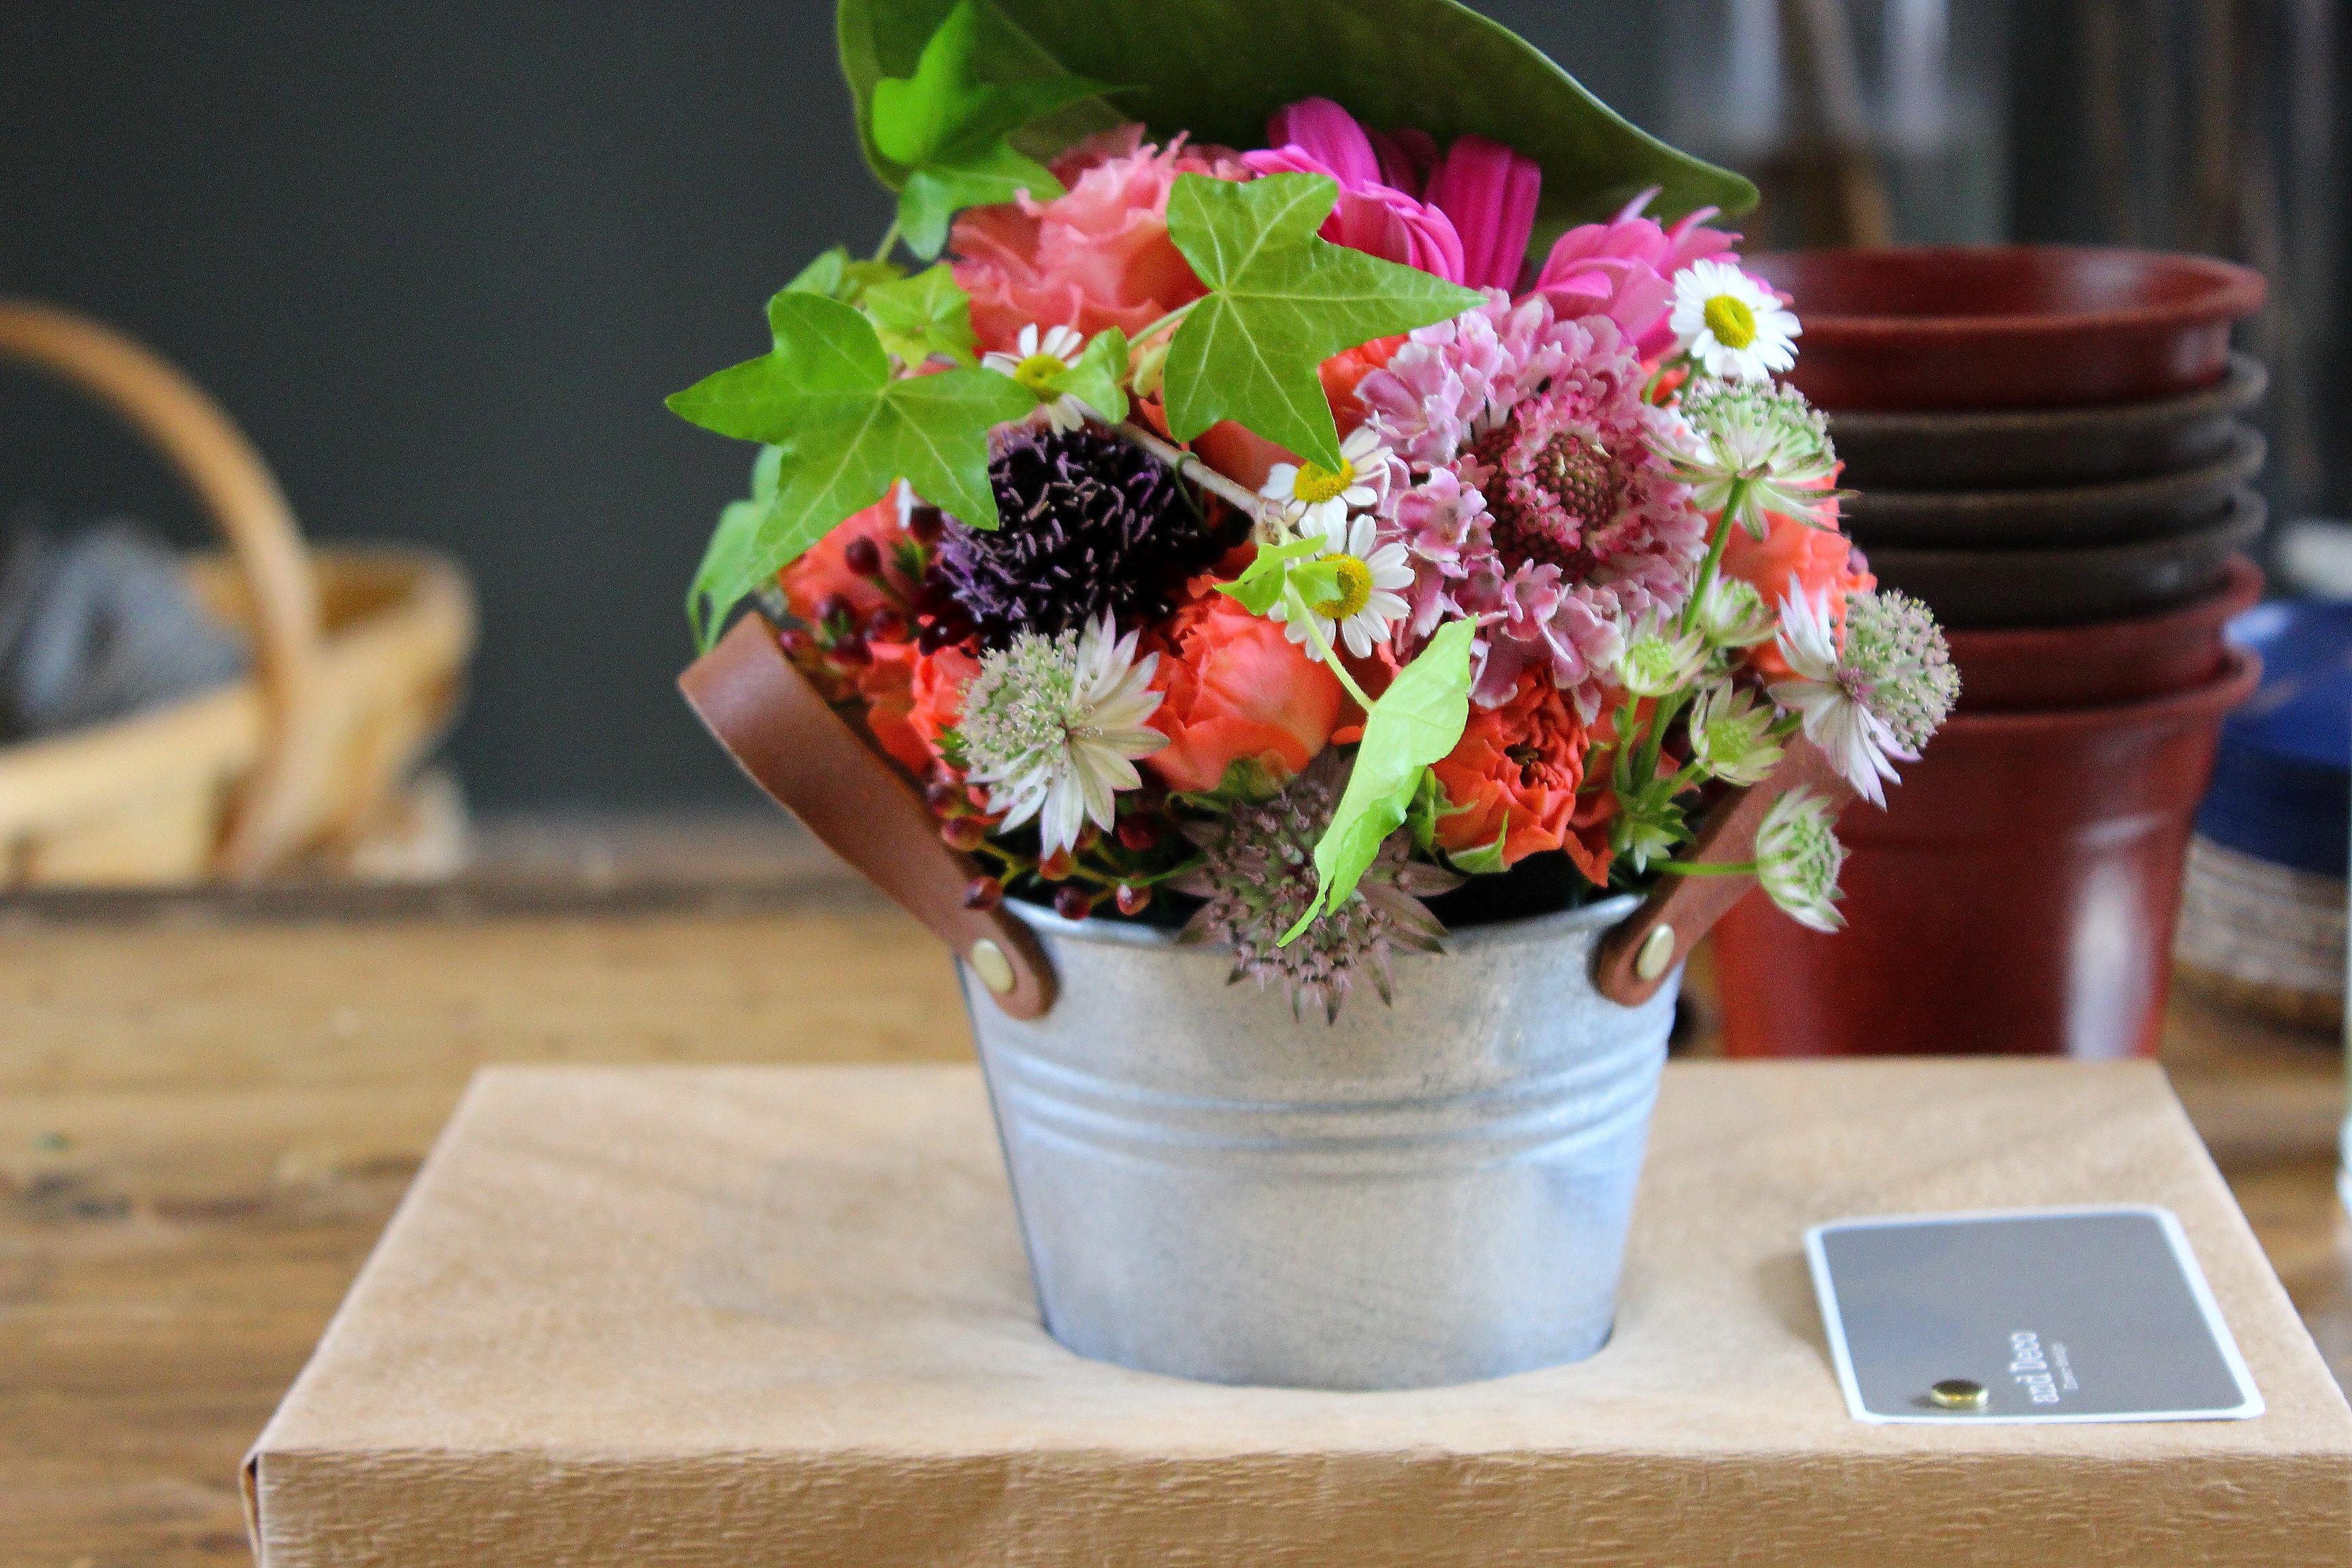 【and Deco アンドデコ】花の個性を考える素敵なお店に行ってきた